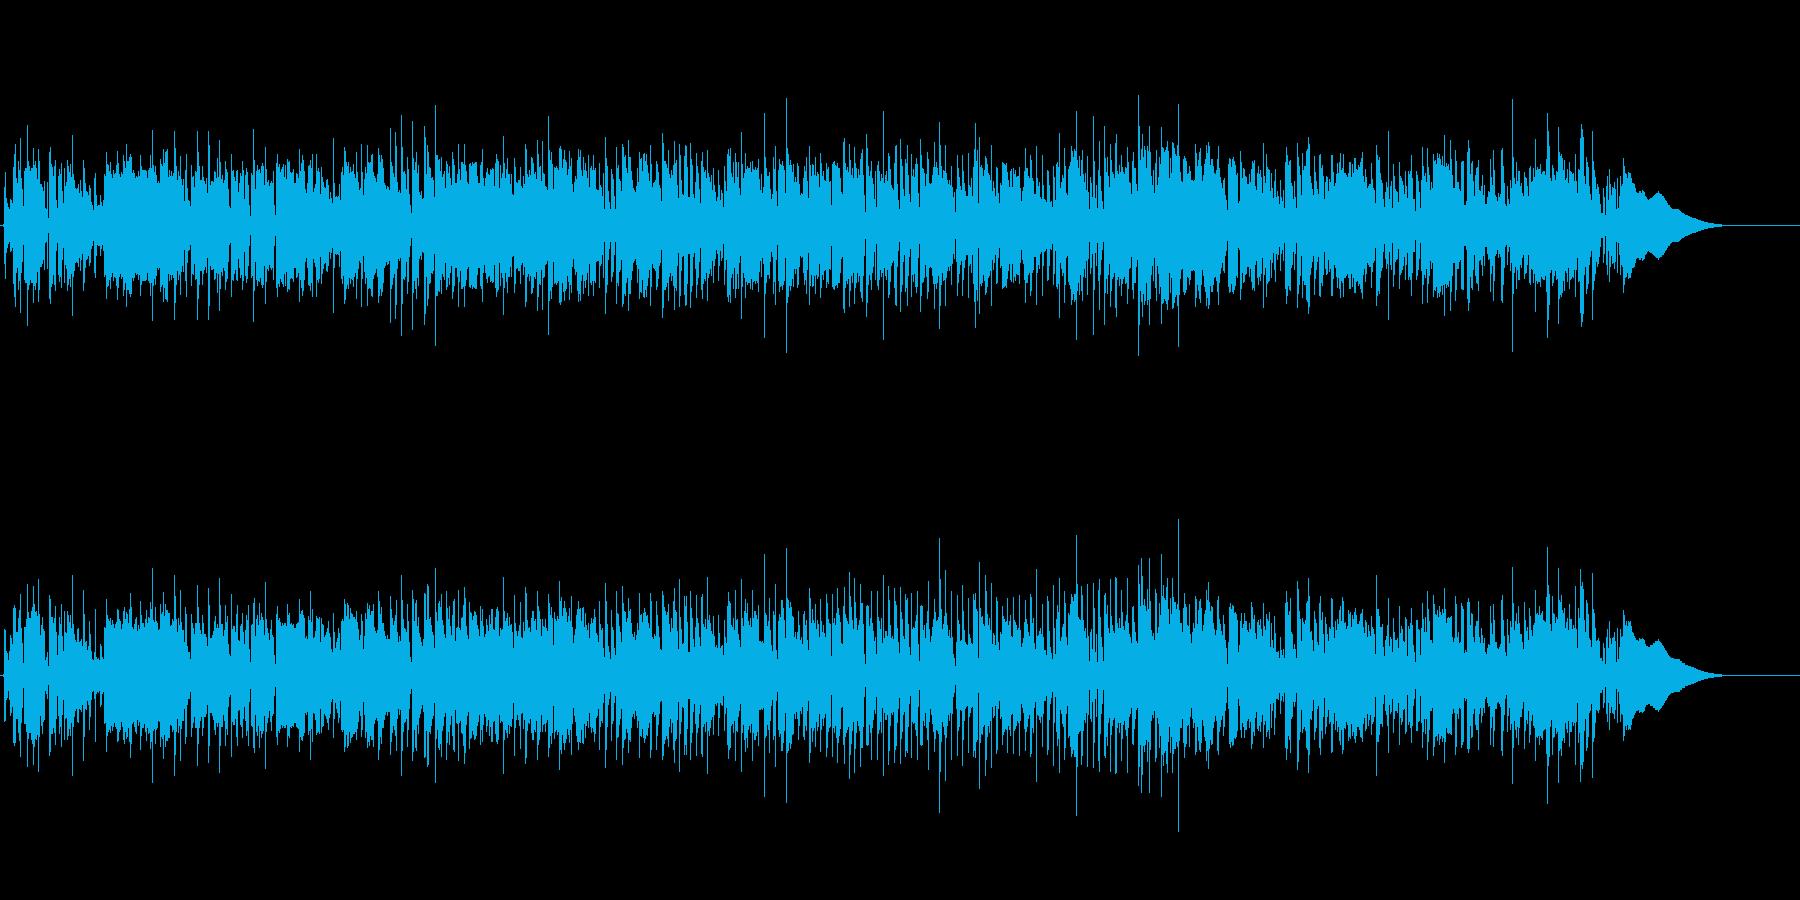 ロックな雰囲気なロカビリー風BGMの再生済みの波形